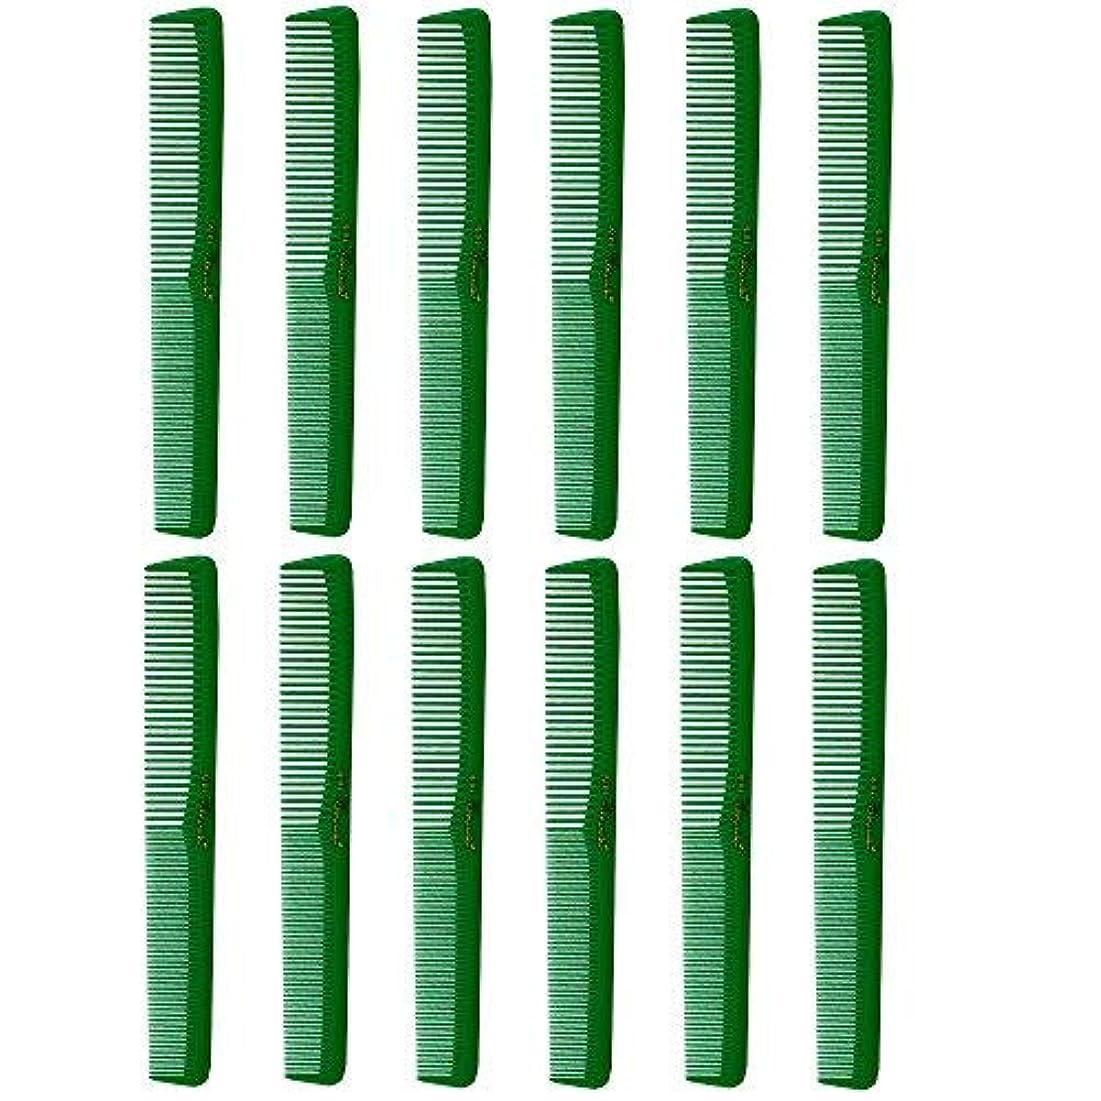 アクティビティ女の子徹底Barber Beauty Hair Cleopatra 400 All Purpose Combs (12 Pack) 12 x SB-C400-GREEN [並行輸入品]